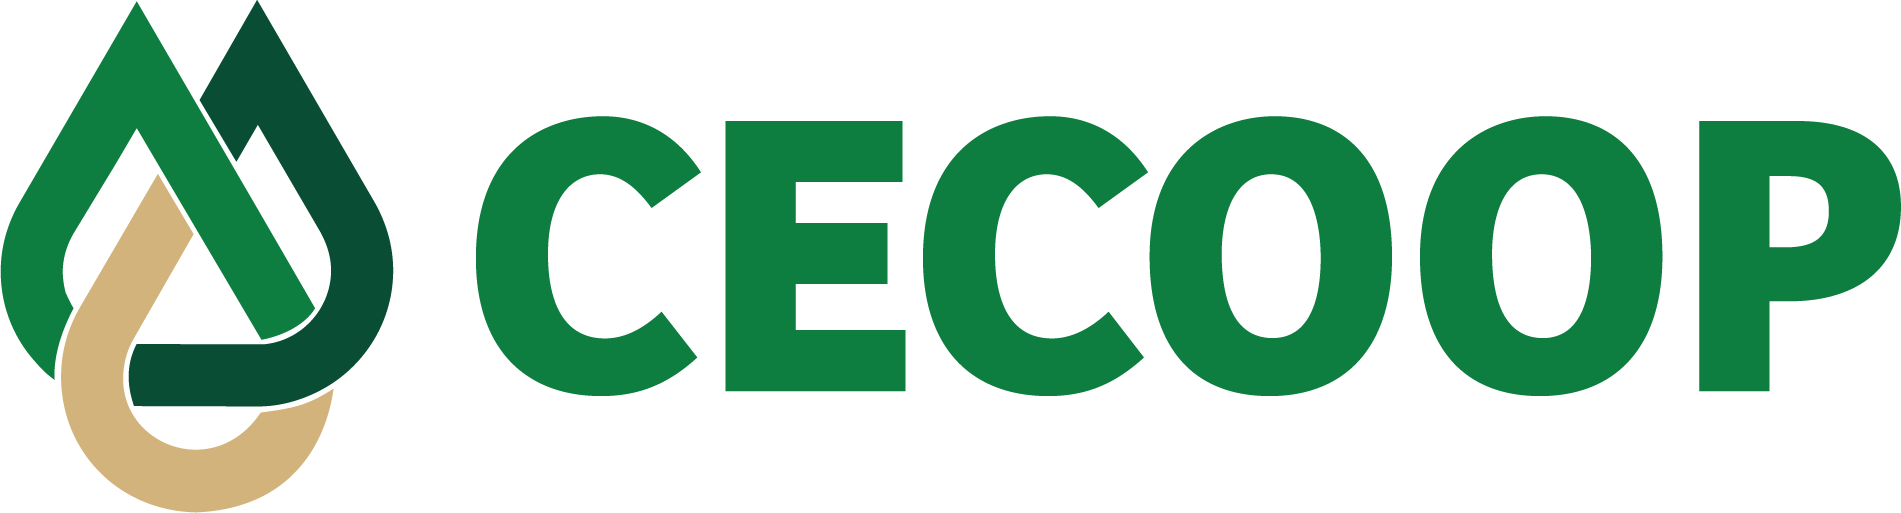 CECOOP